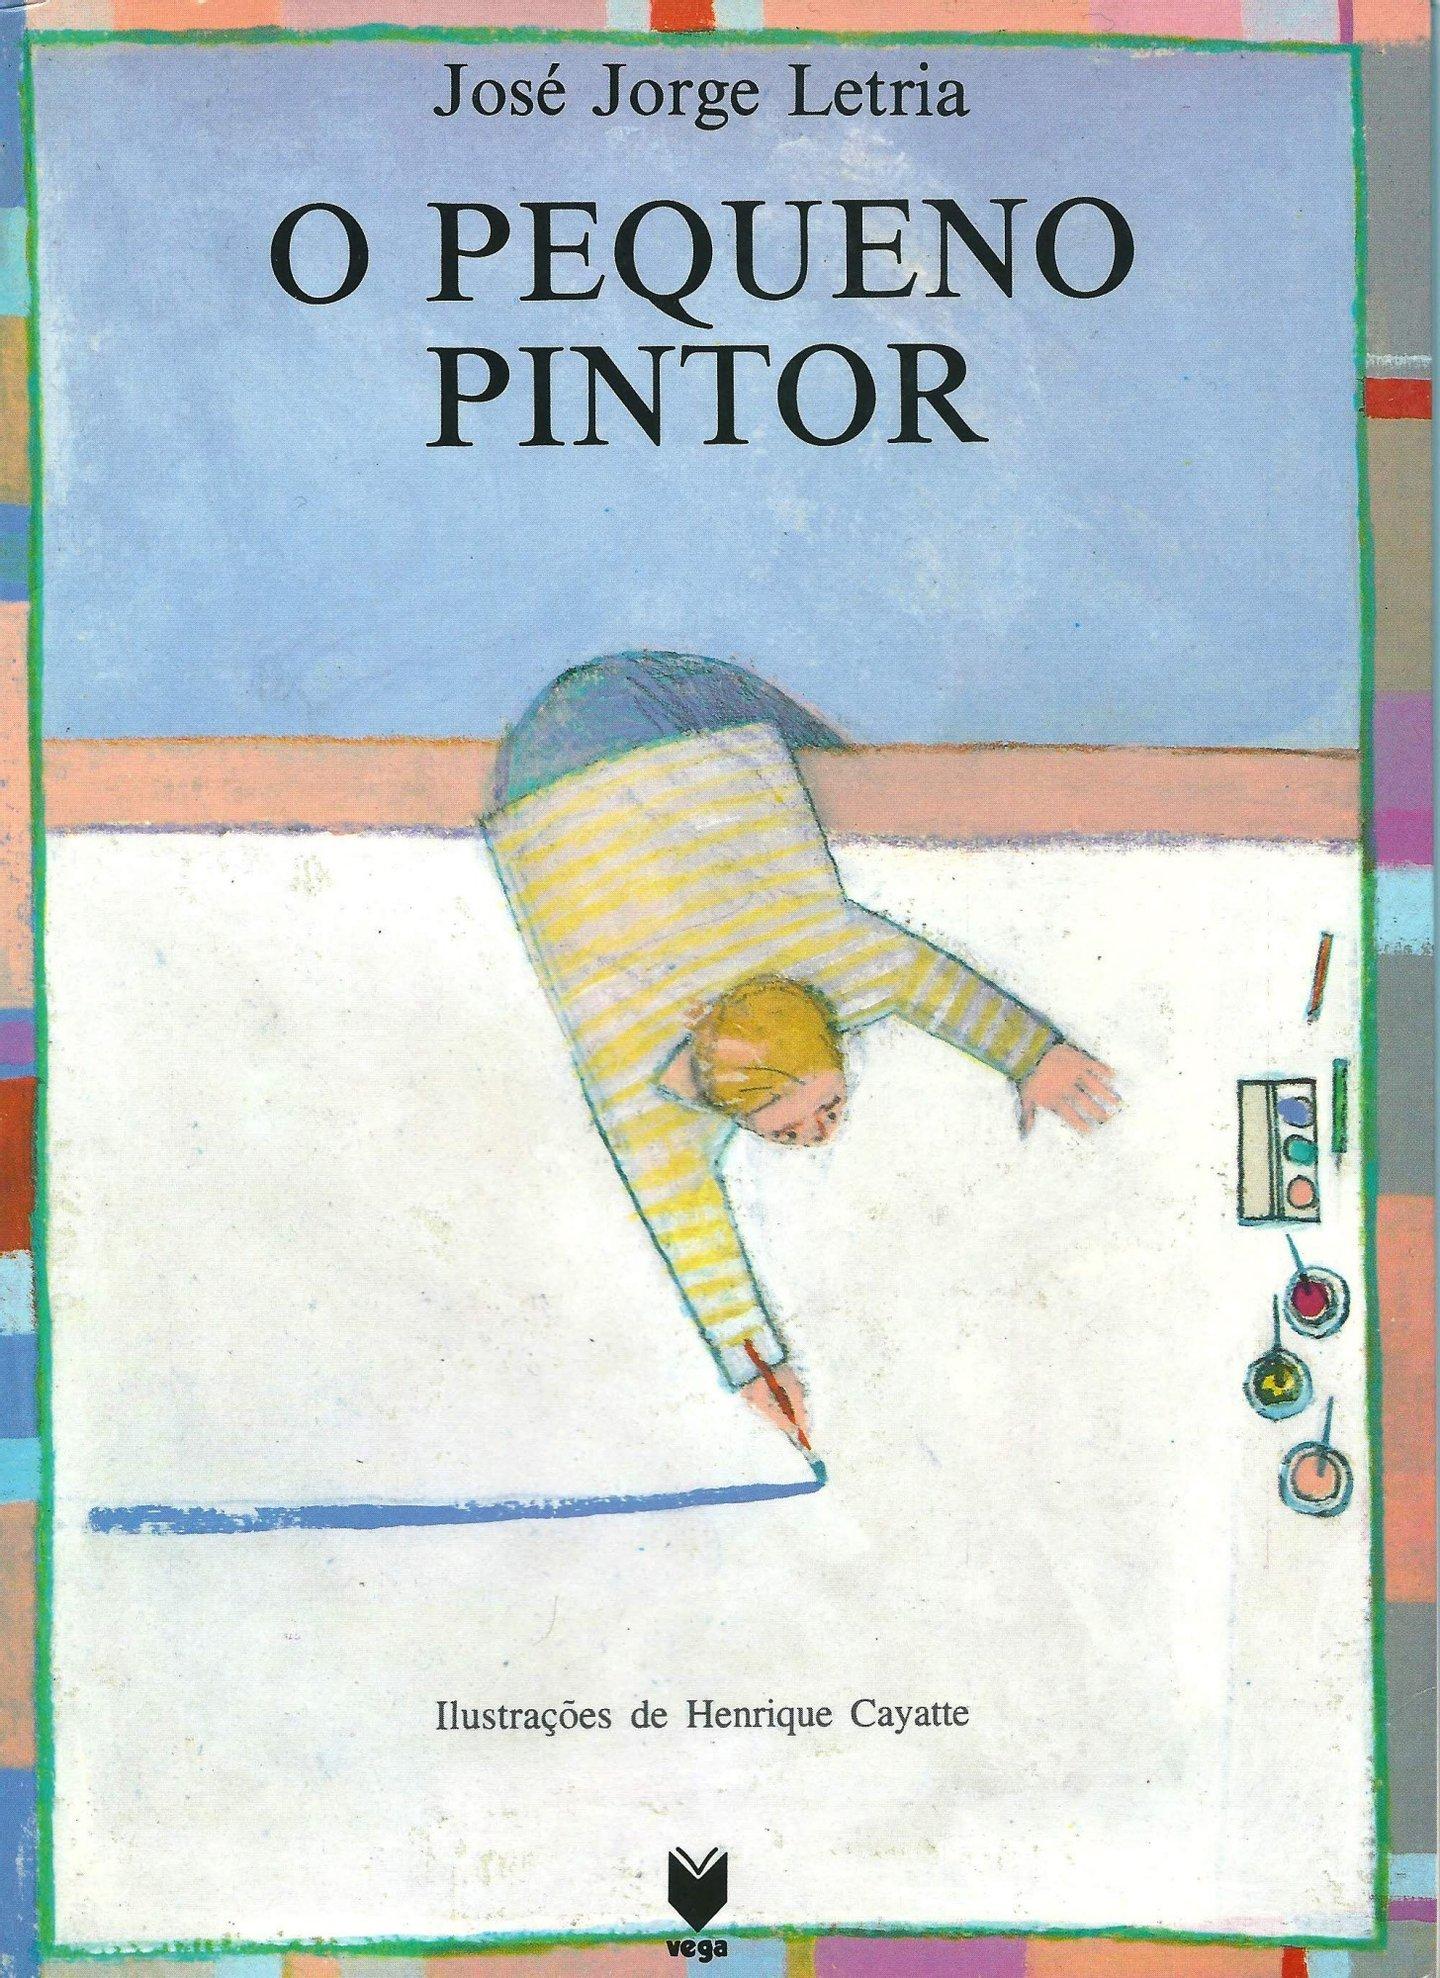 O Pequeno Pintor